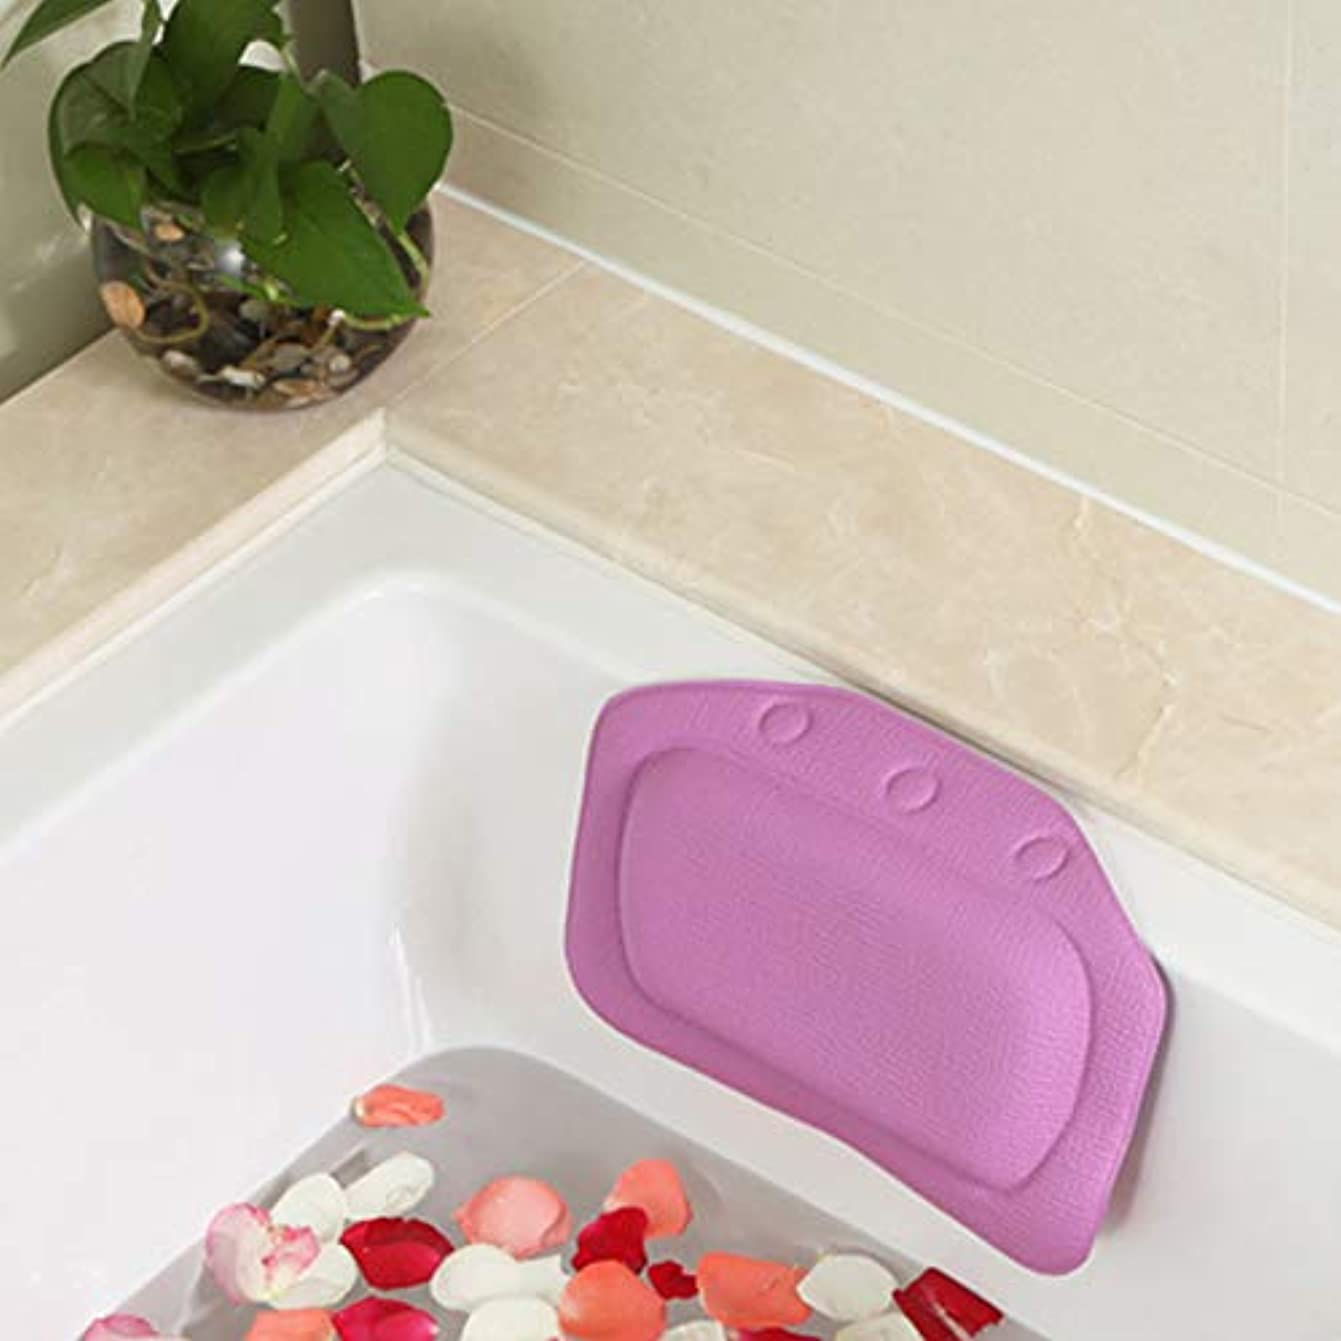 宙返り証明するうるさい柔らかいpvc発泡スポンジ風呂枕防水ヘッドレストクッション付き浴室シャワー浴槽リラックスアクセサリー,Purple